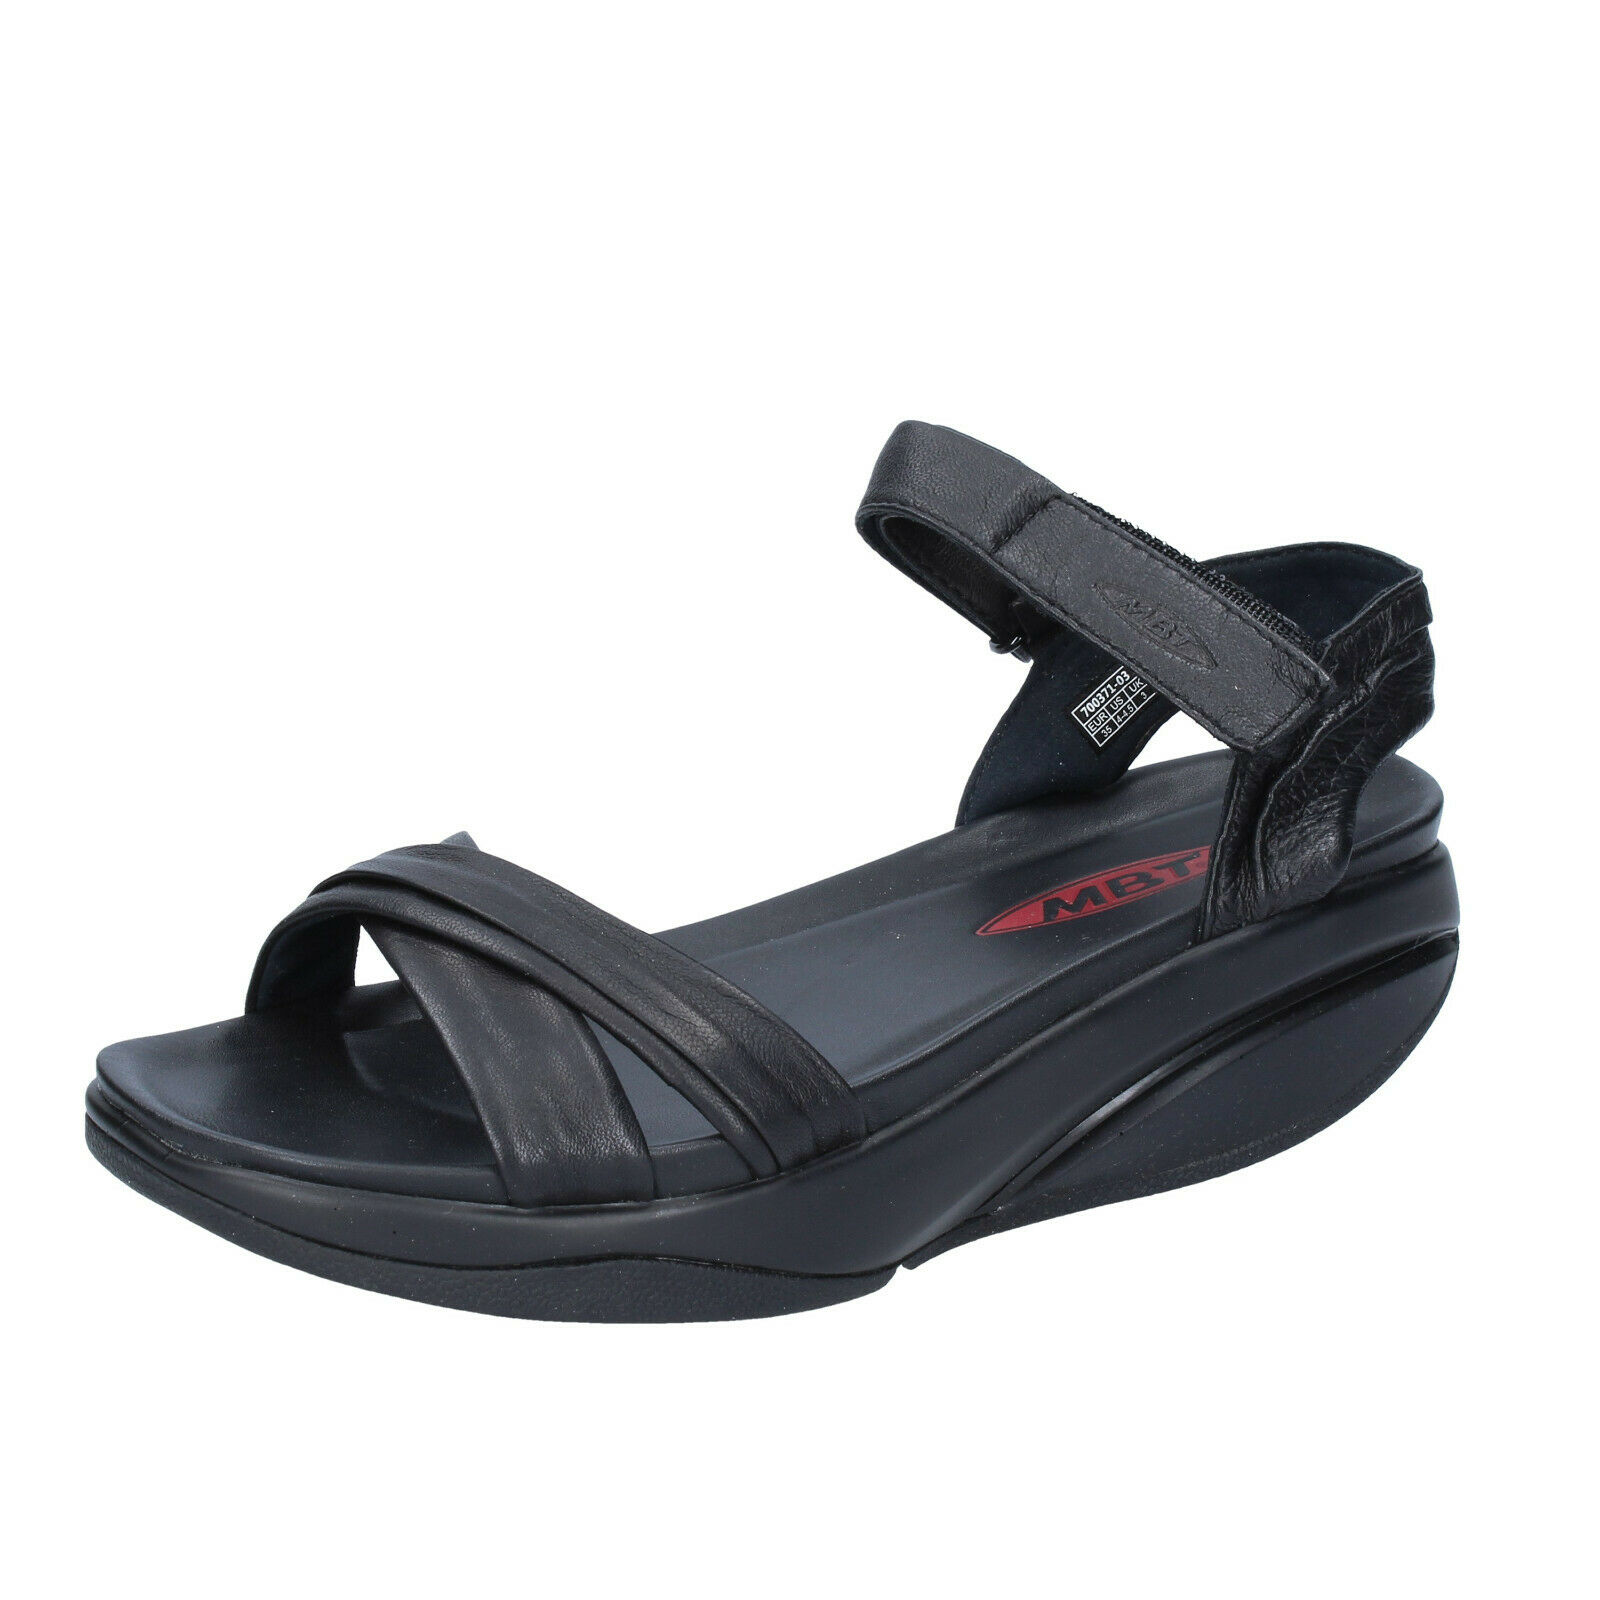 Para mujeres Zapatos MBT 11 11,5 (UE 42) Sandalias De Cuero Negro BS408-42